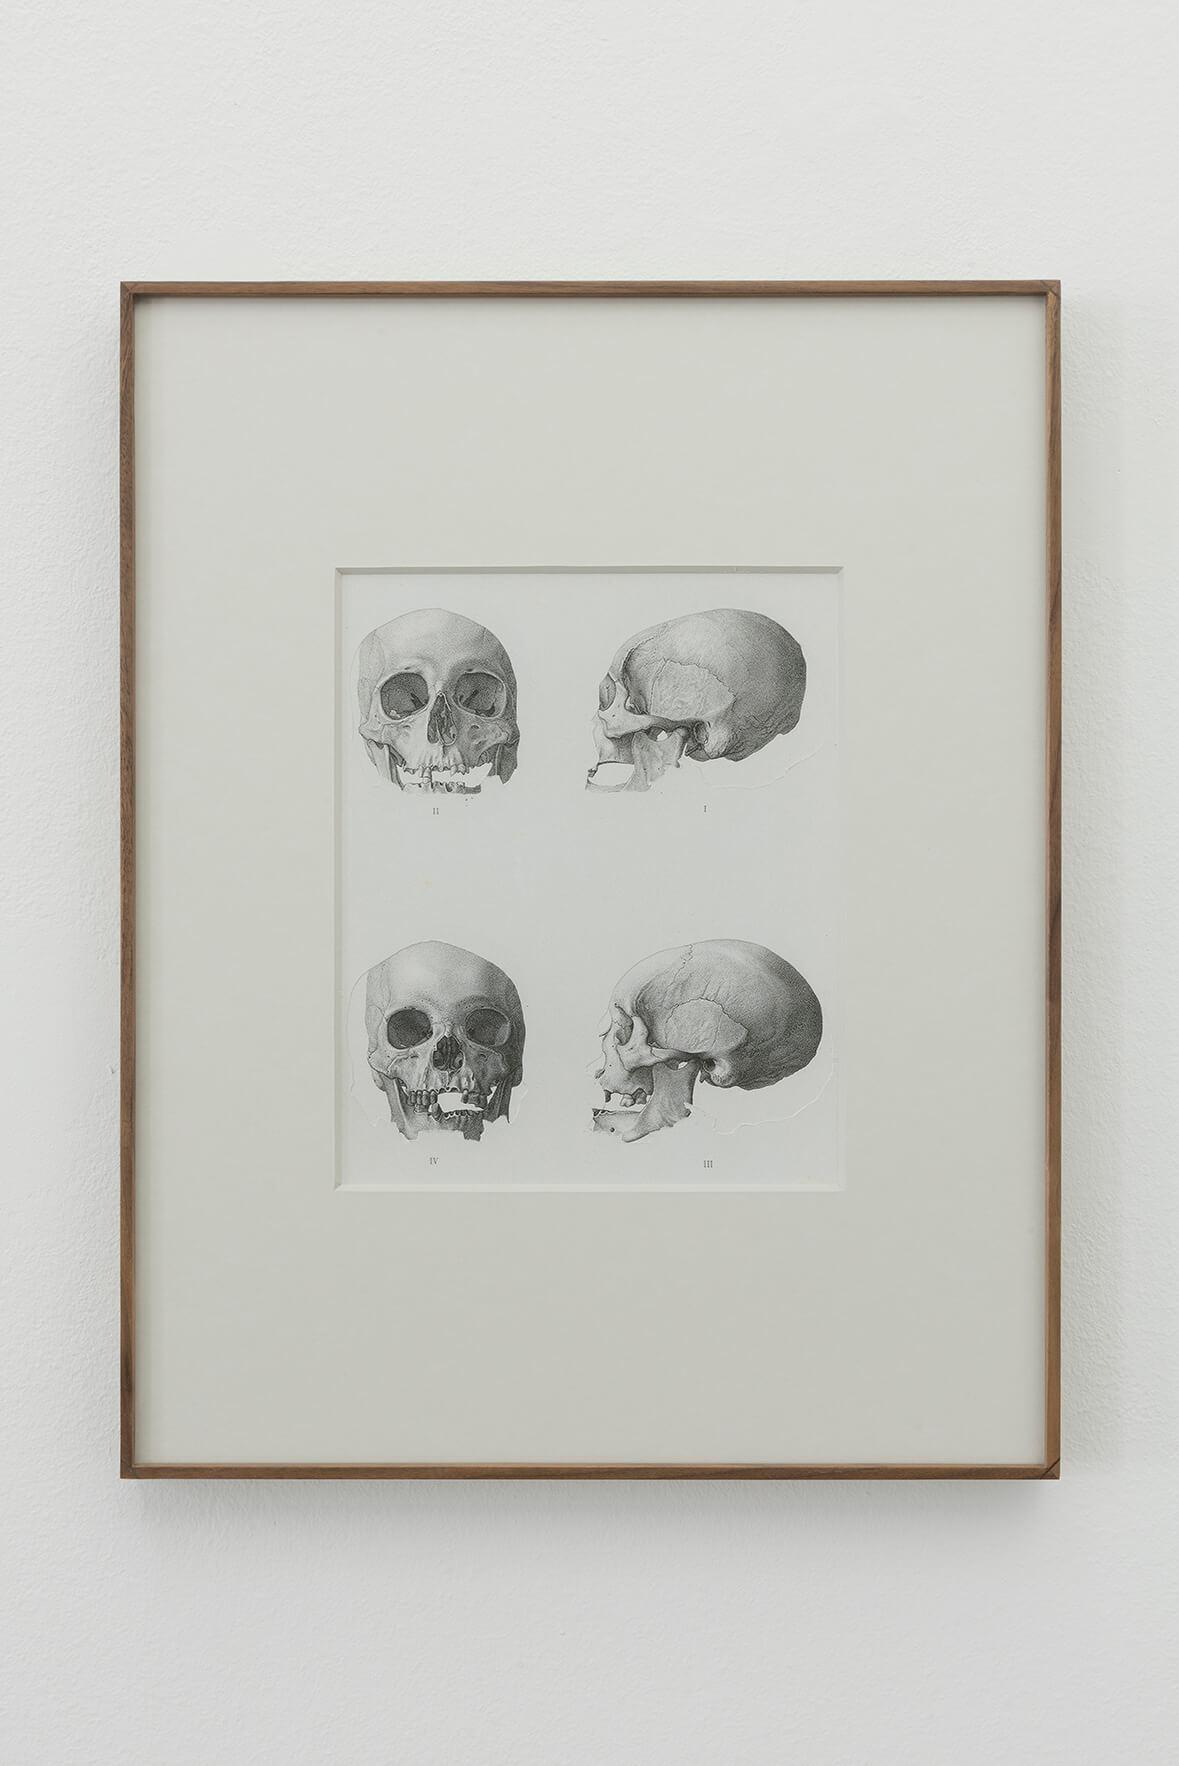 Geodesia y antropometría (crania ethnica), 2016 | Concavitat | ProjecteSD